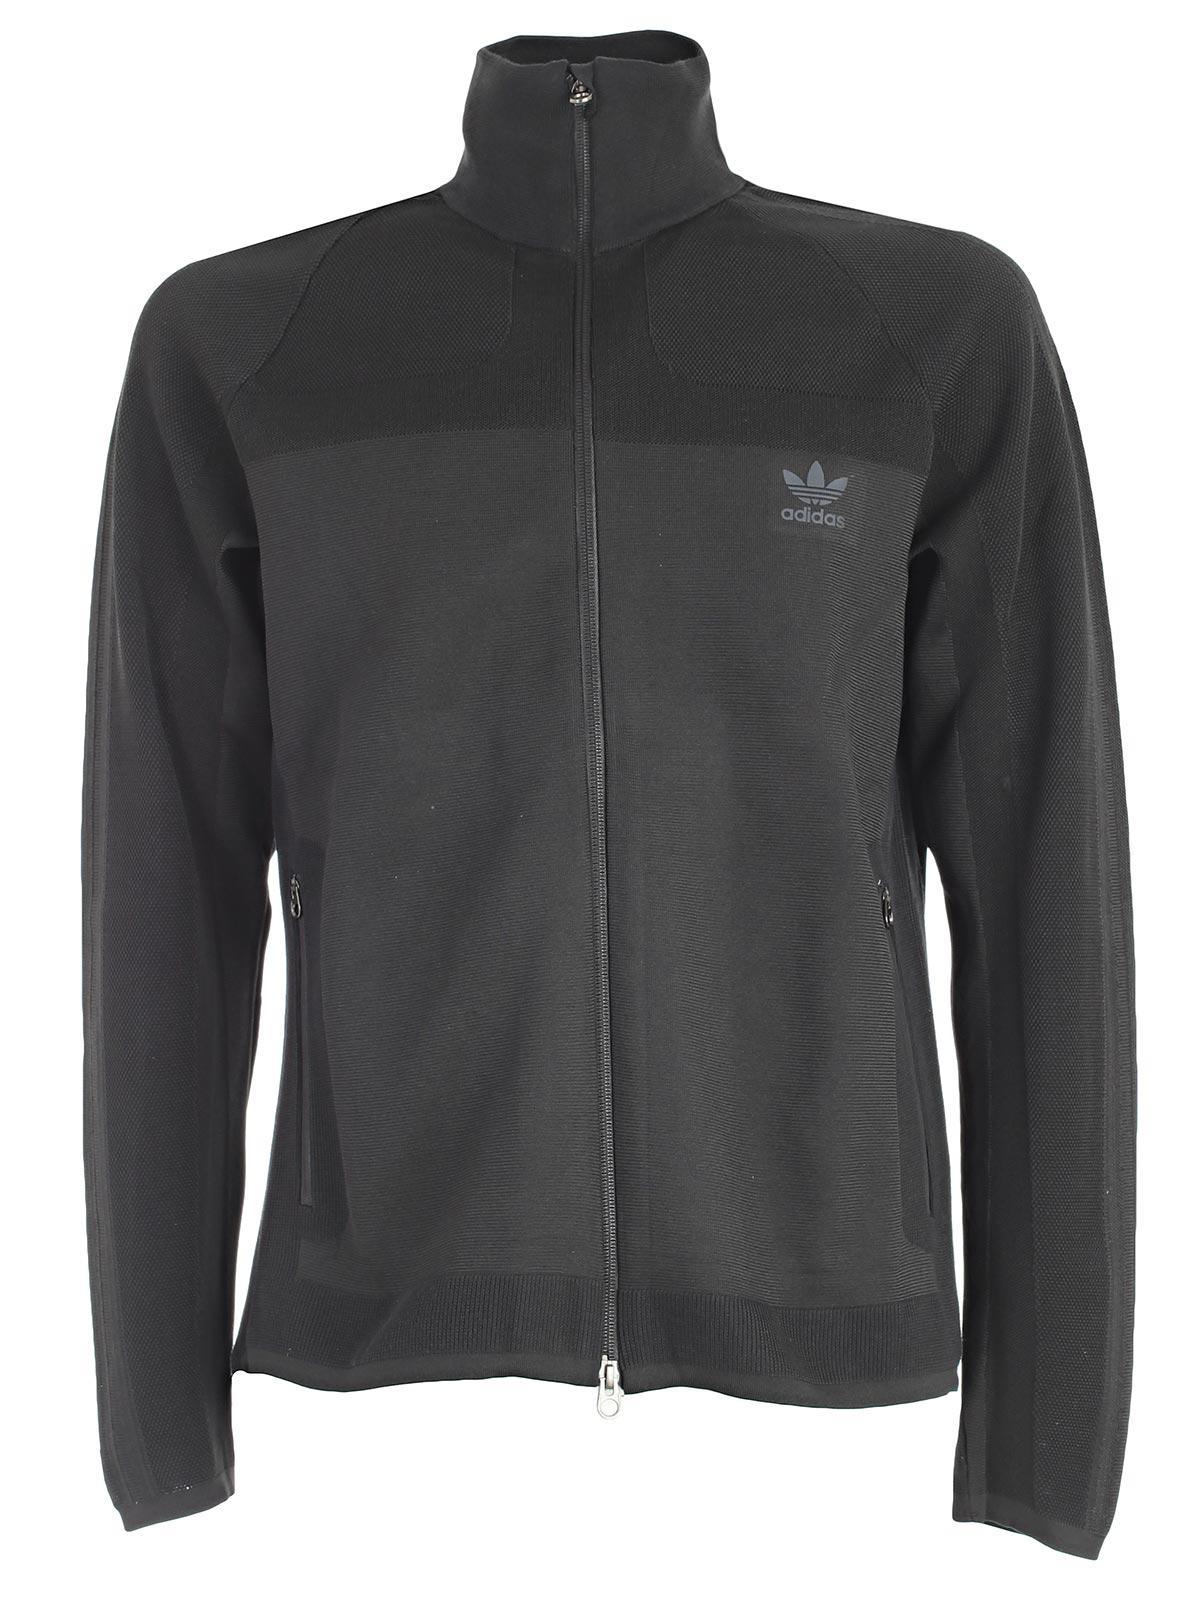 Picture of Adidas Originals Hoodies